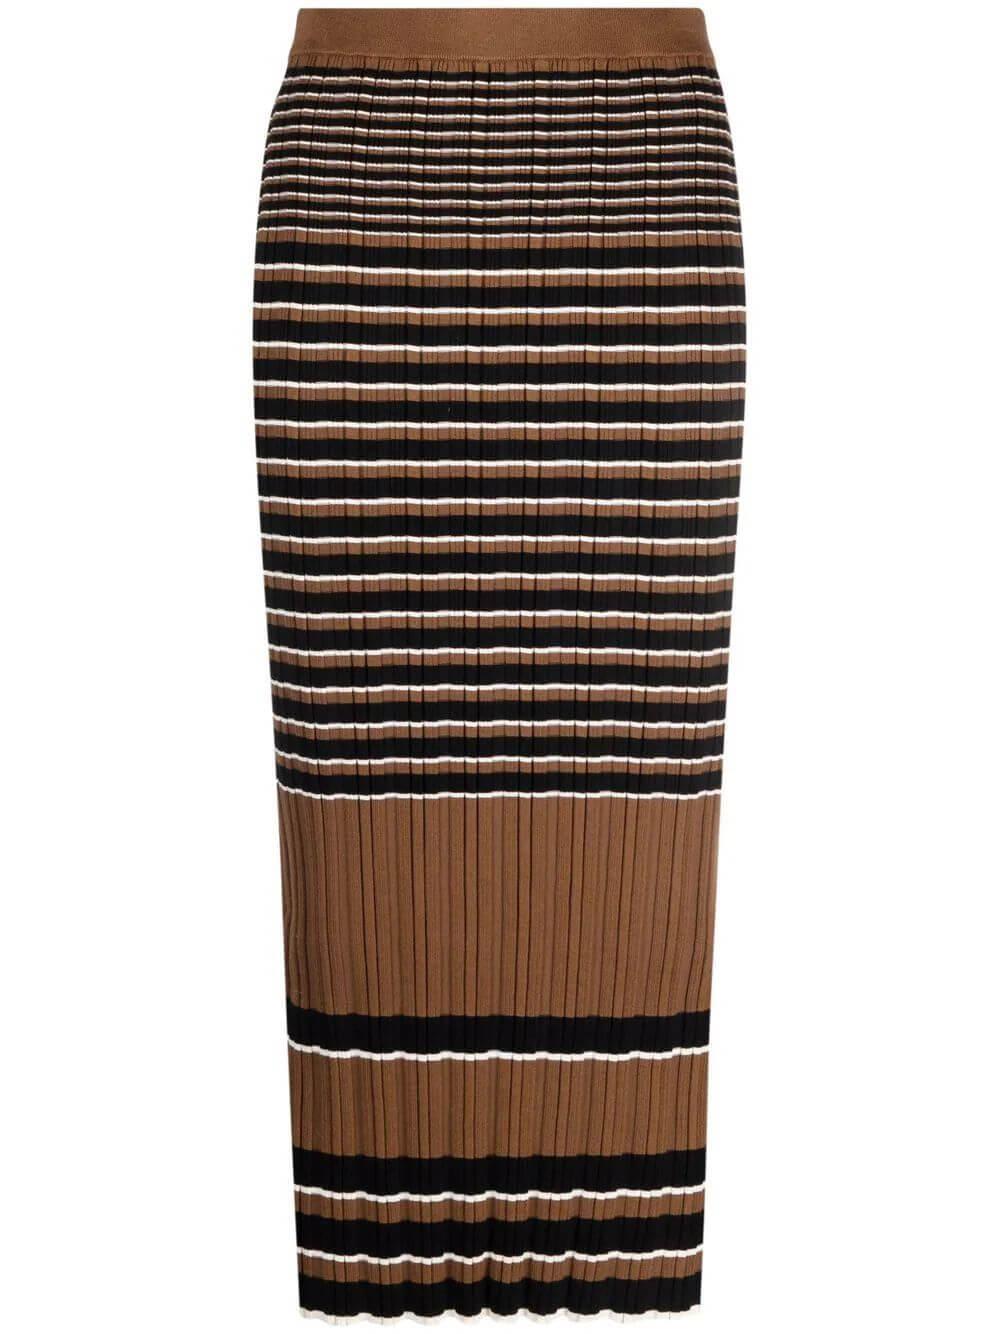 Rib Knit Striped Skirt Item # L0514704